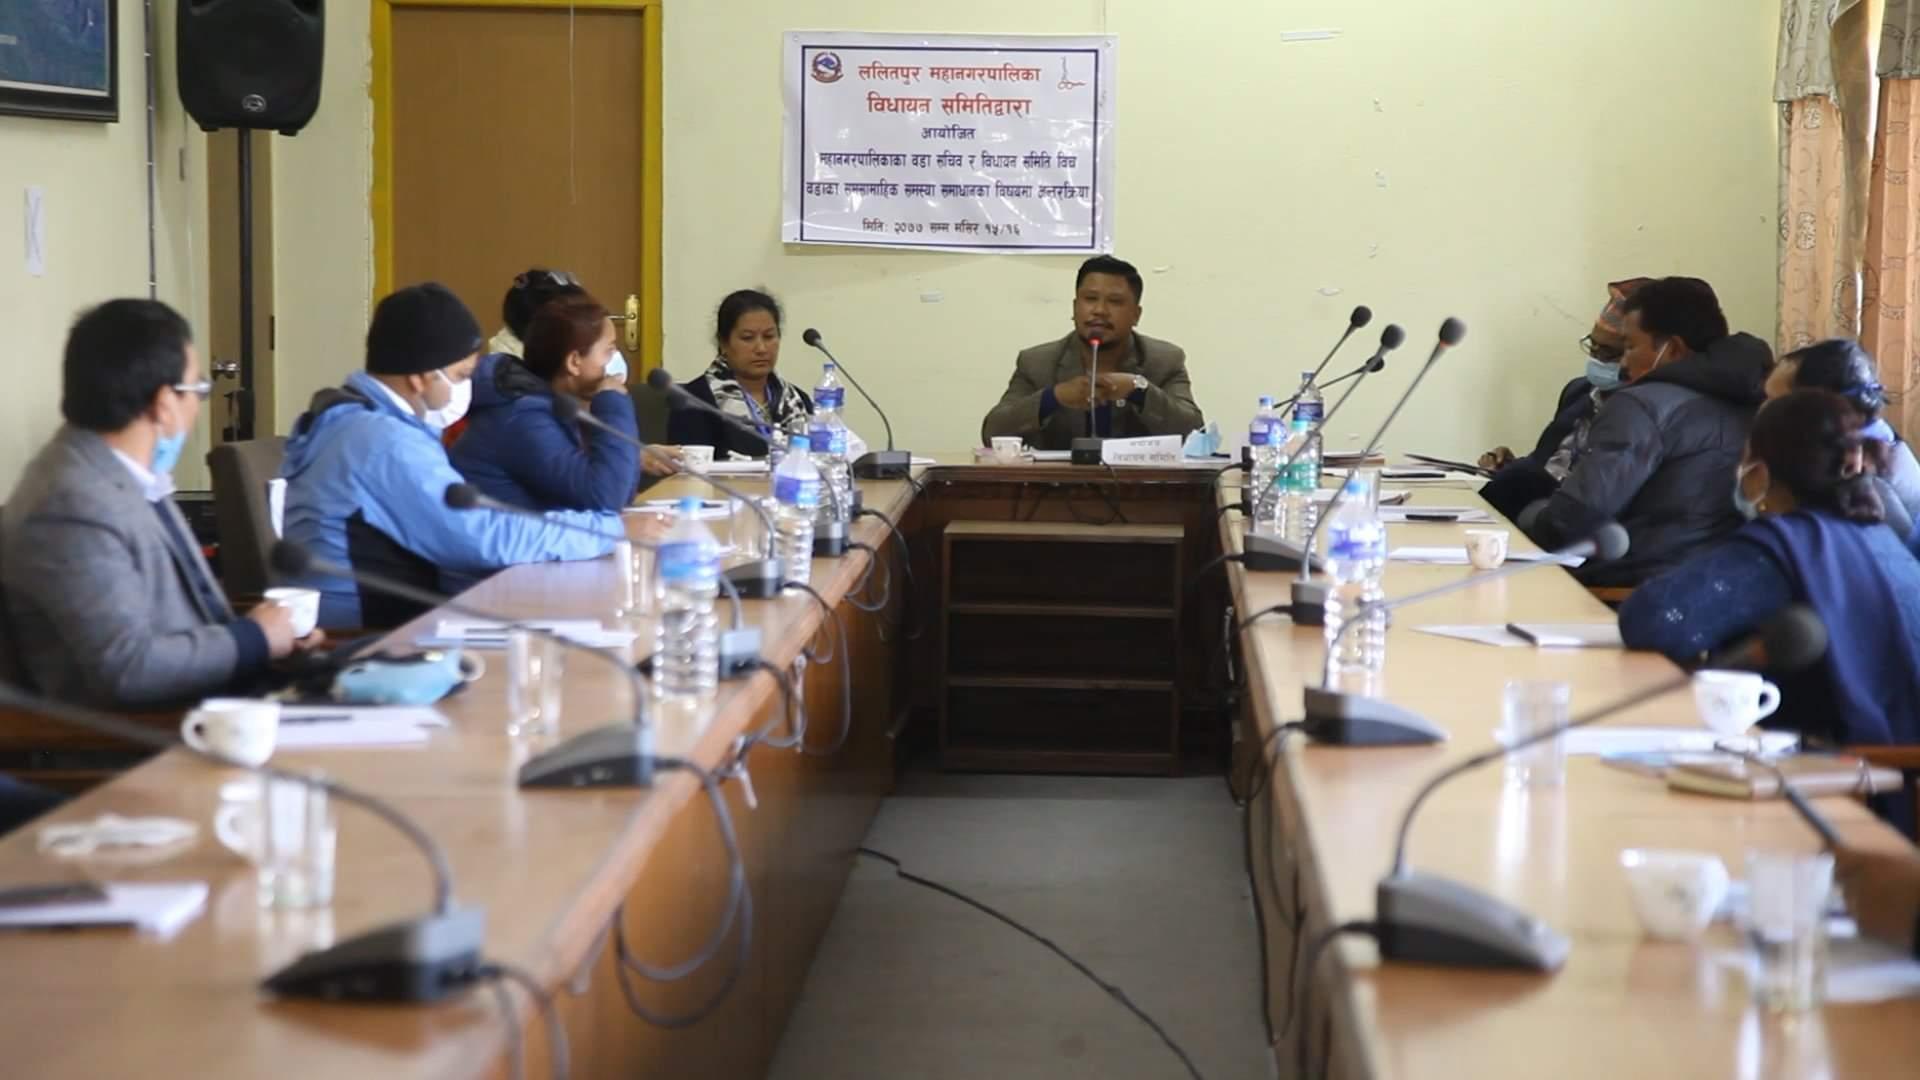 ललितपुर महानगर विधायन समितिको वडासचिवसँग छलफल तथा अन्तरक्रिया सम्पन्न